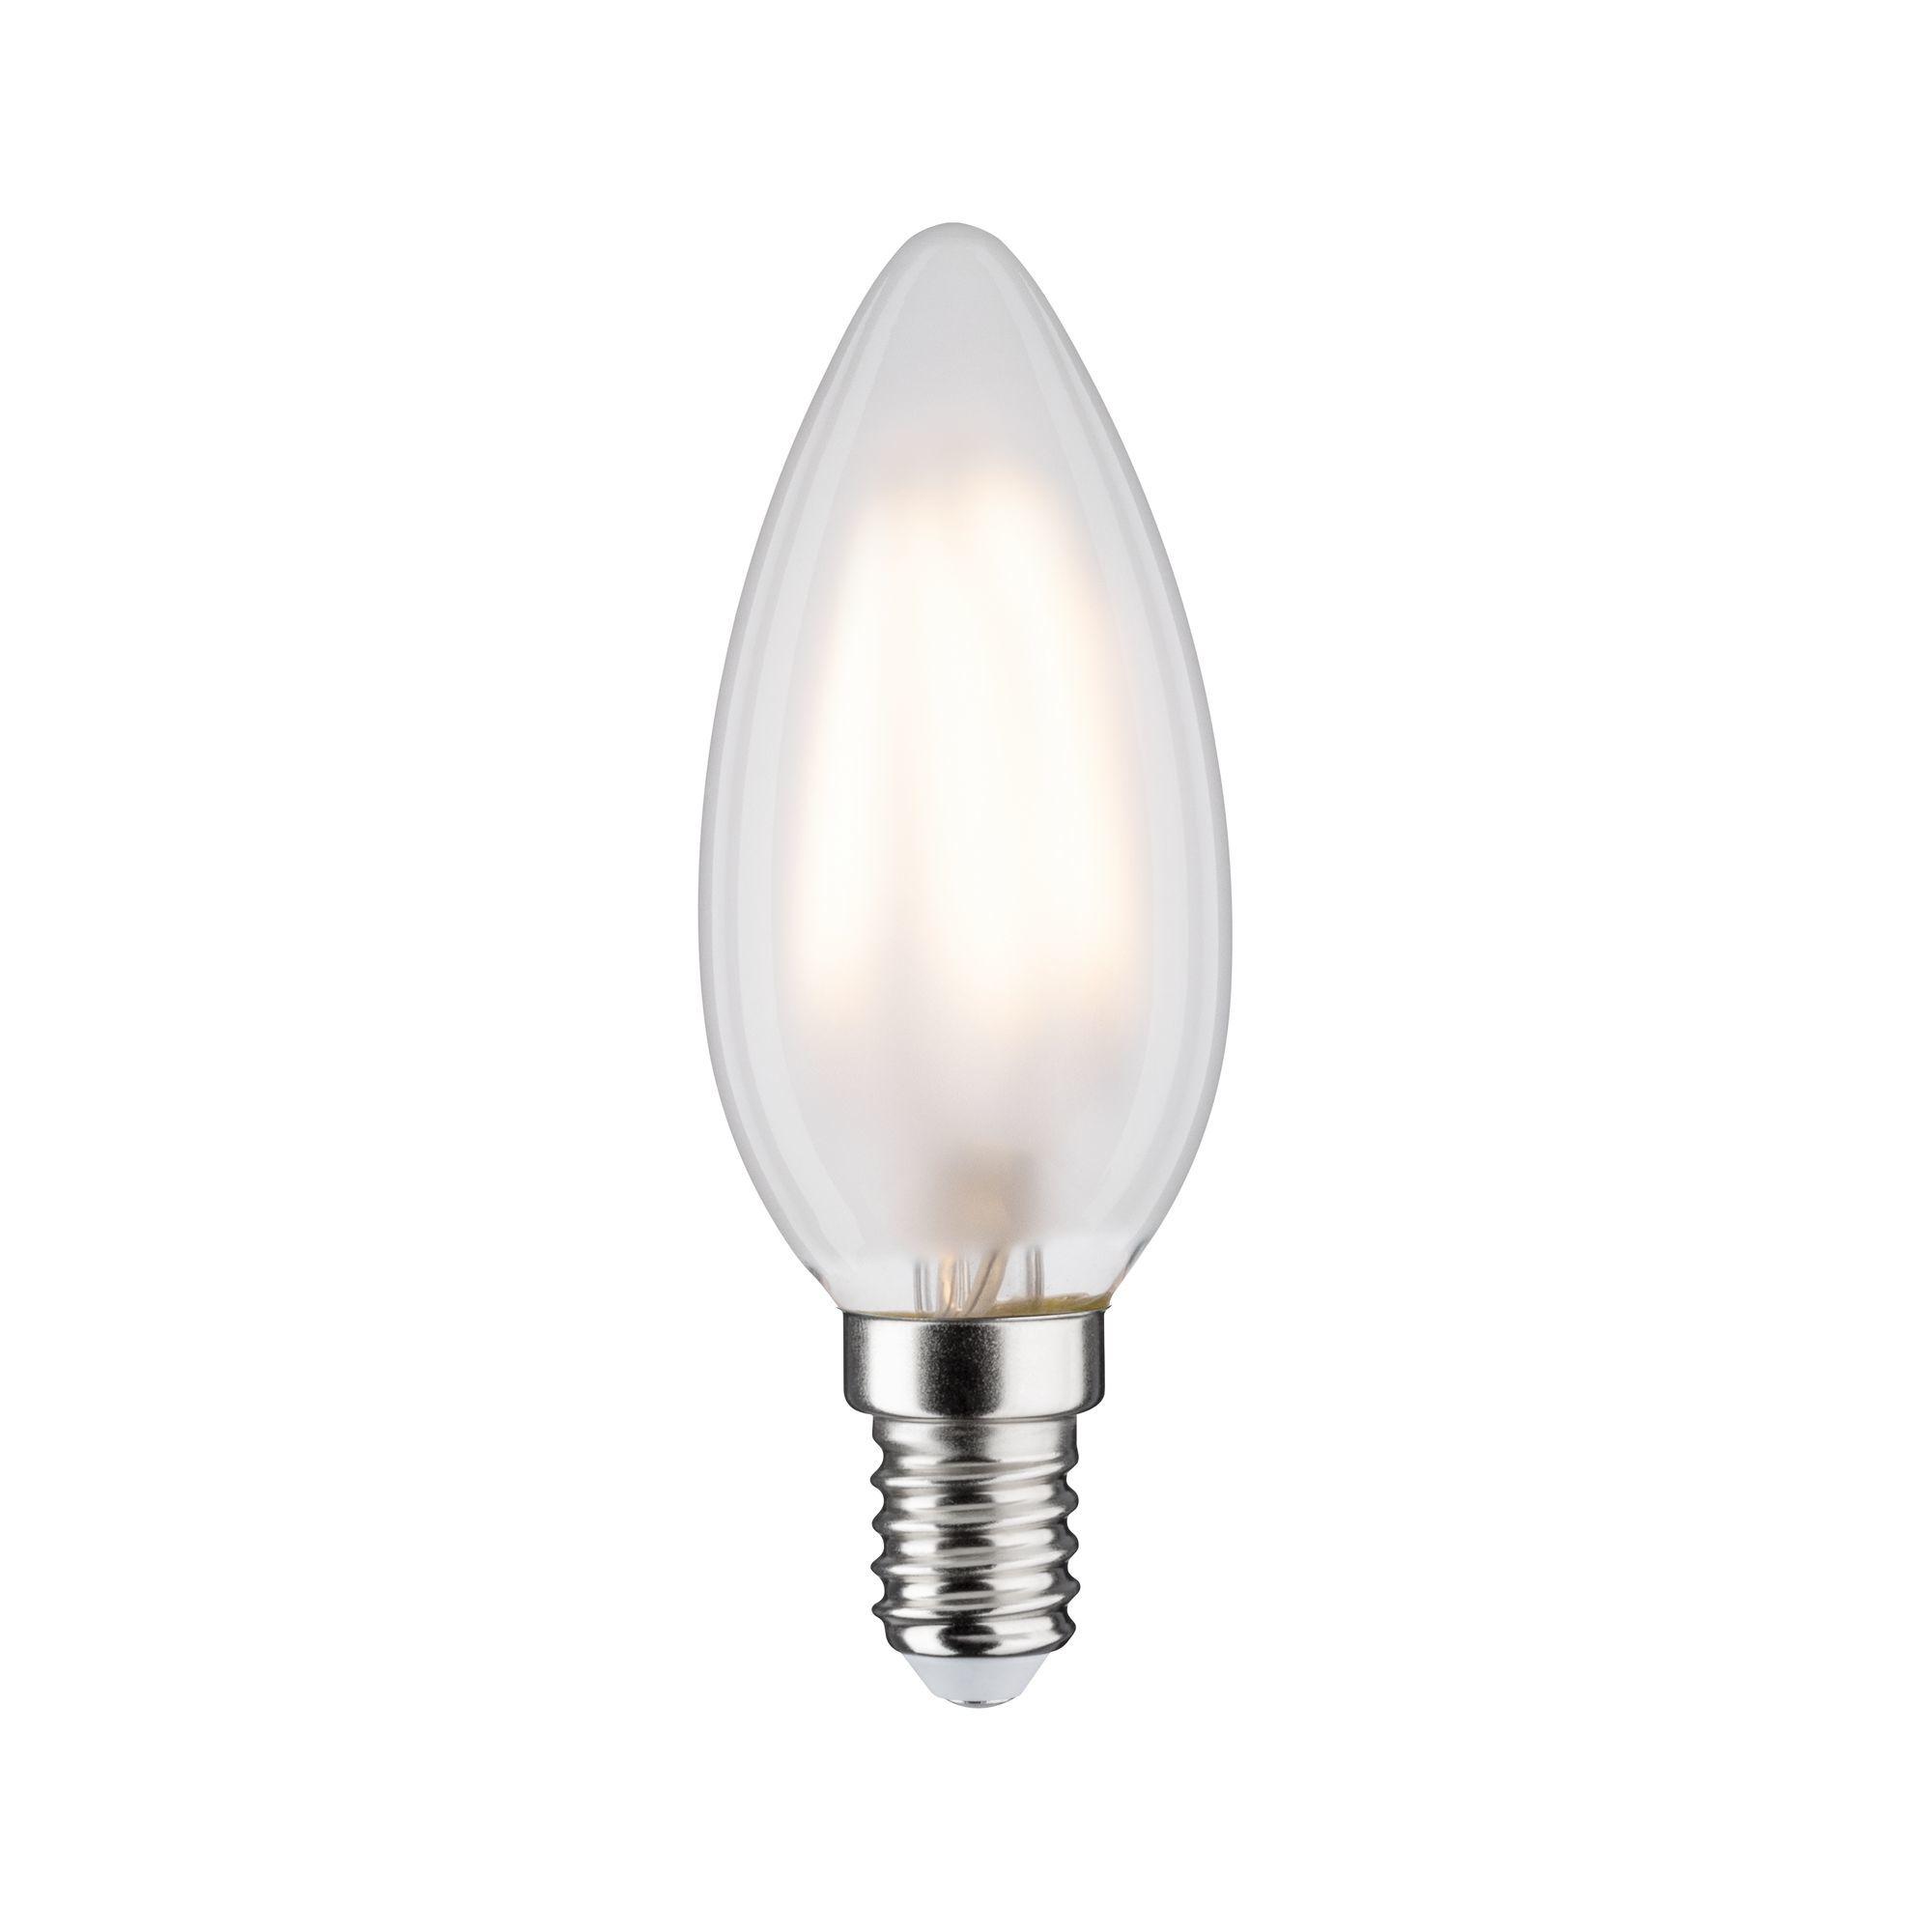 Paulmann LED Fil Kerze 470lm E14 2700K matt 4,5W 230V (28612)